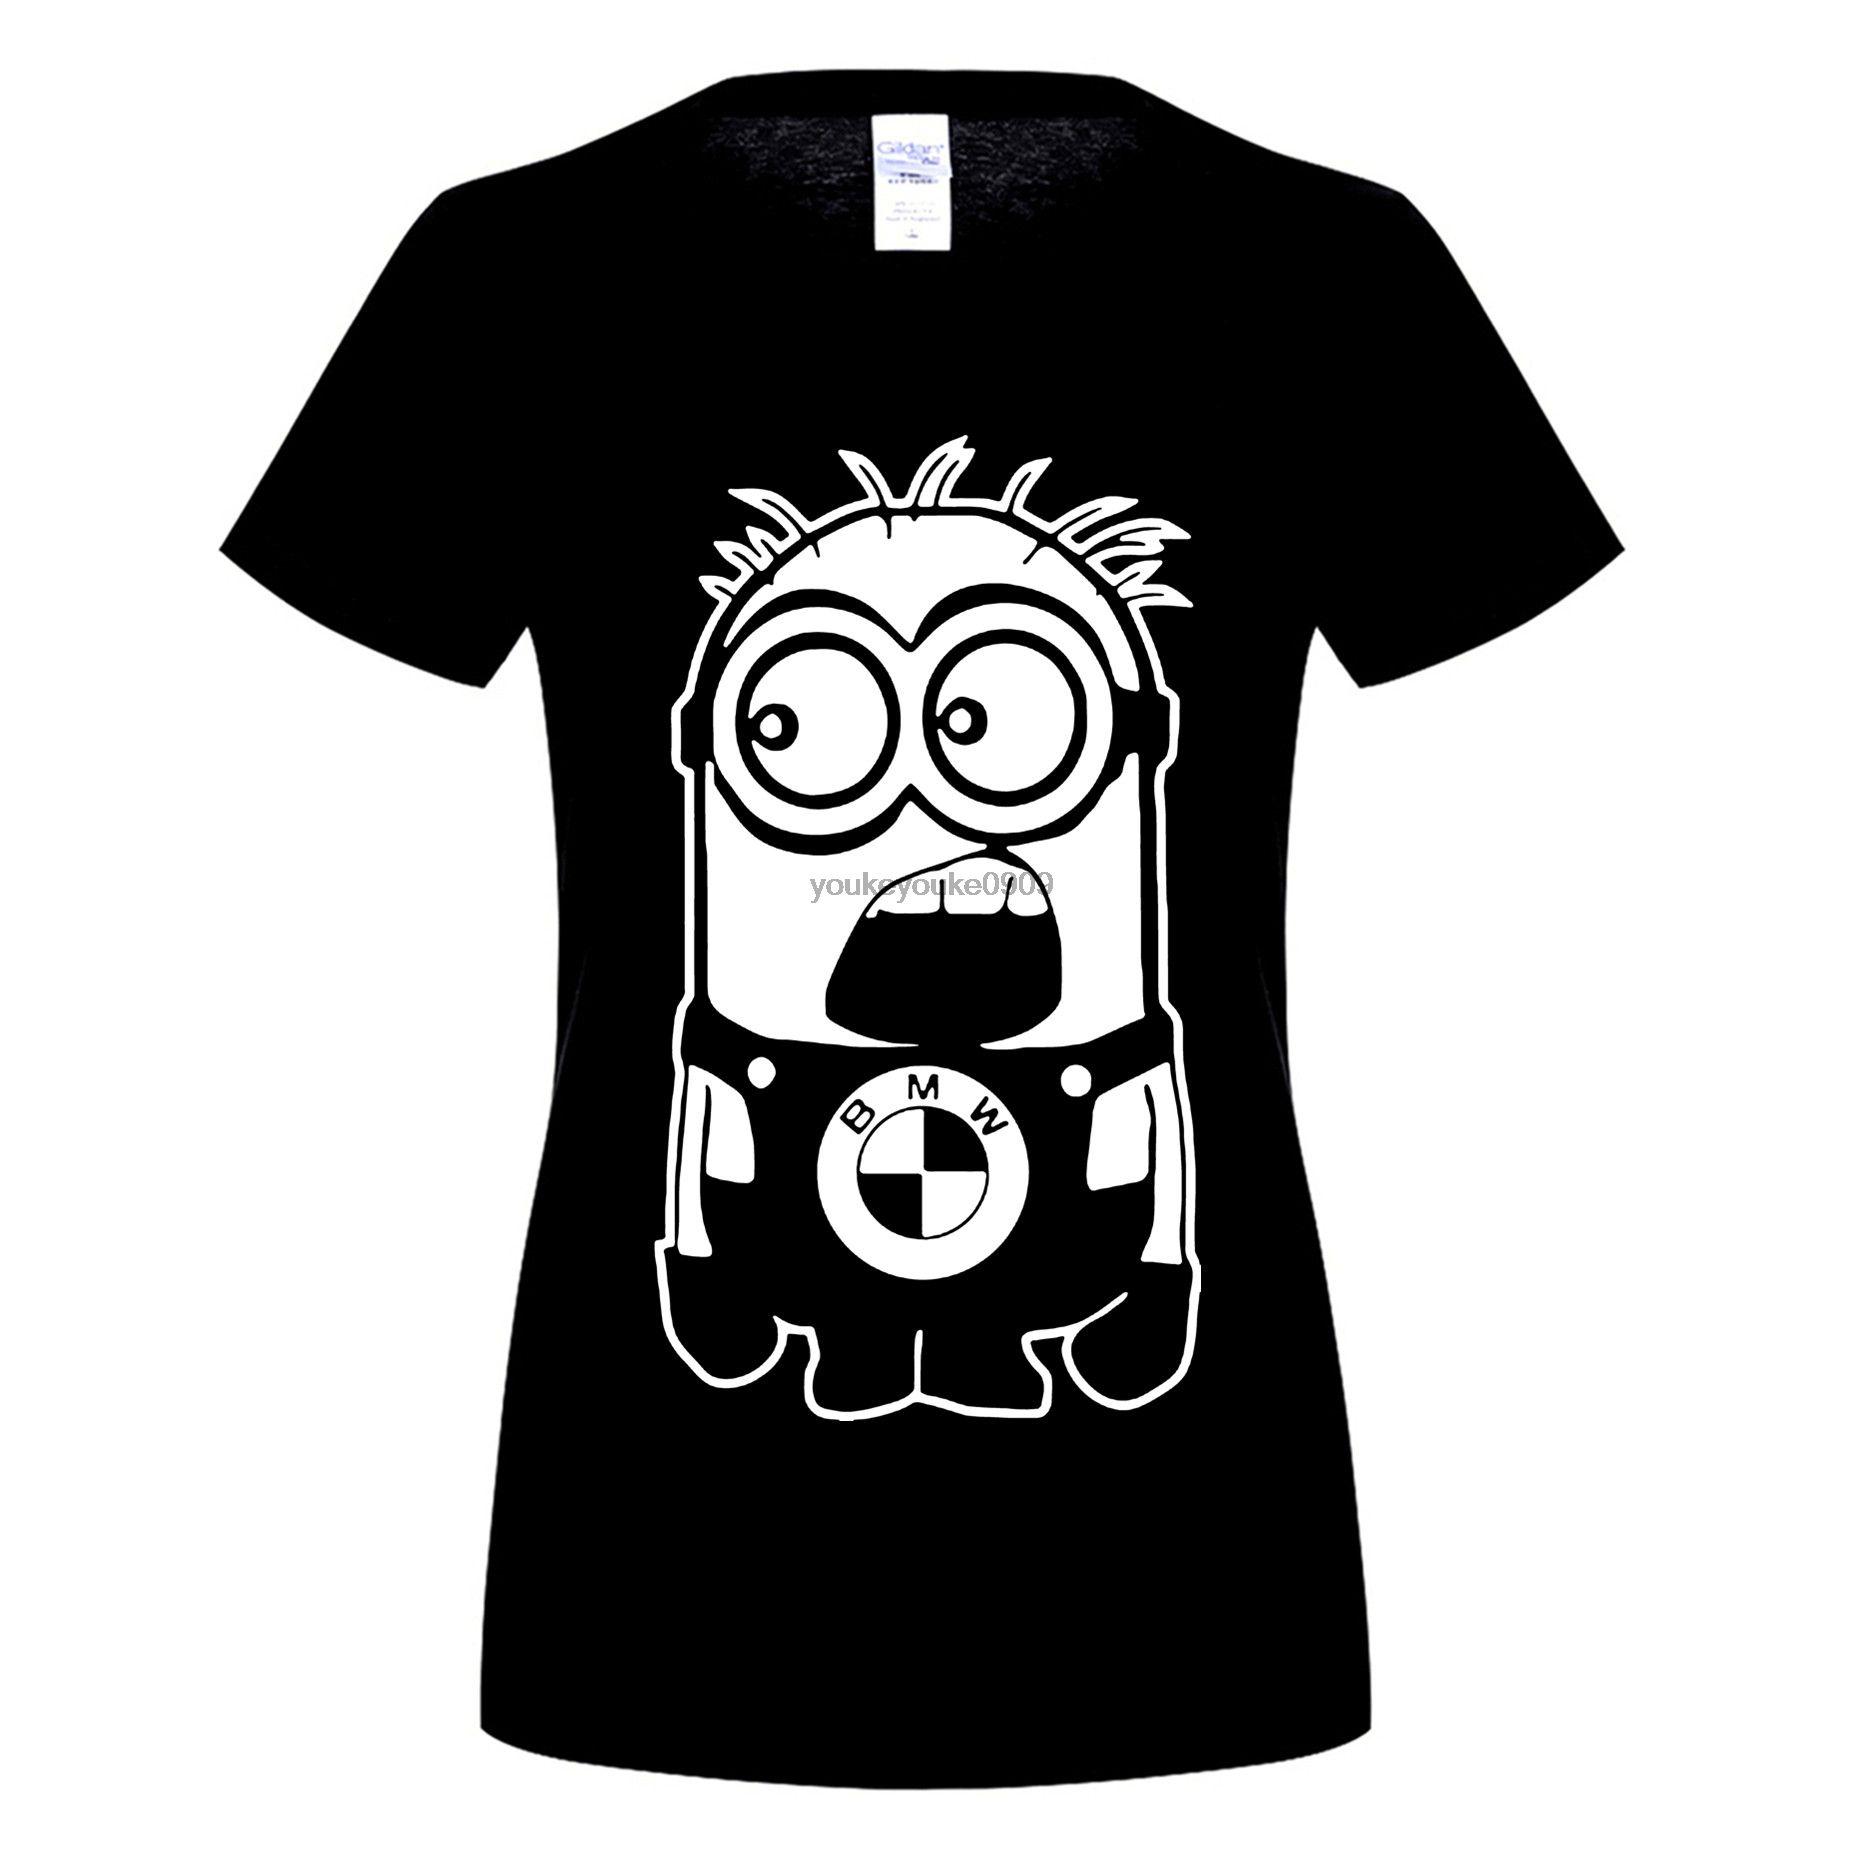 Возьмите Мода Миньоны BMW череп аниме печатных Женская футболка Топы с короткими рукавами Camisetas Повседневная футболка женская одежда футбол...